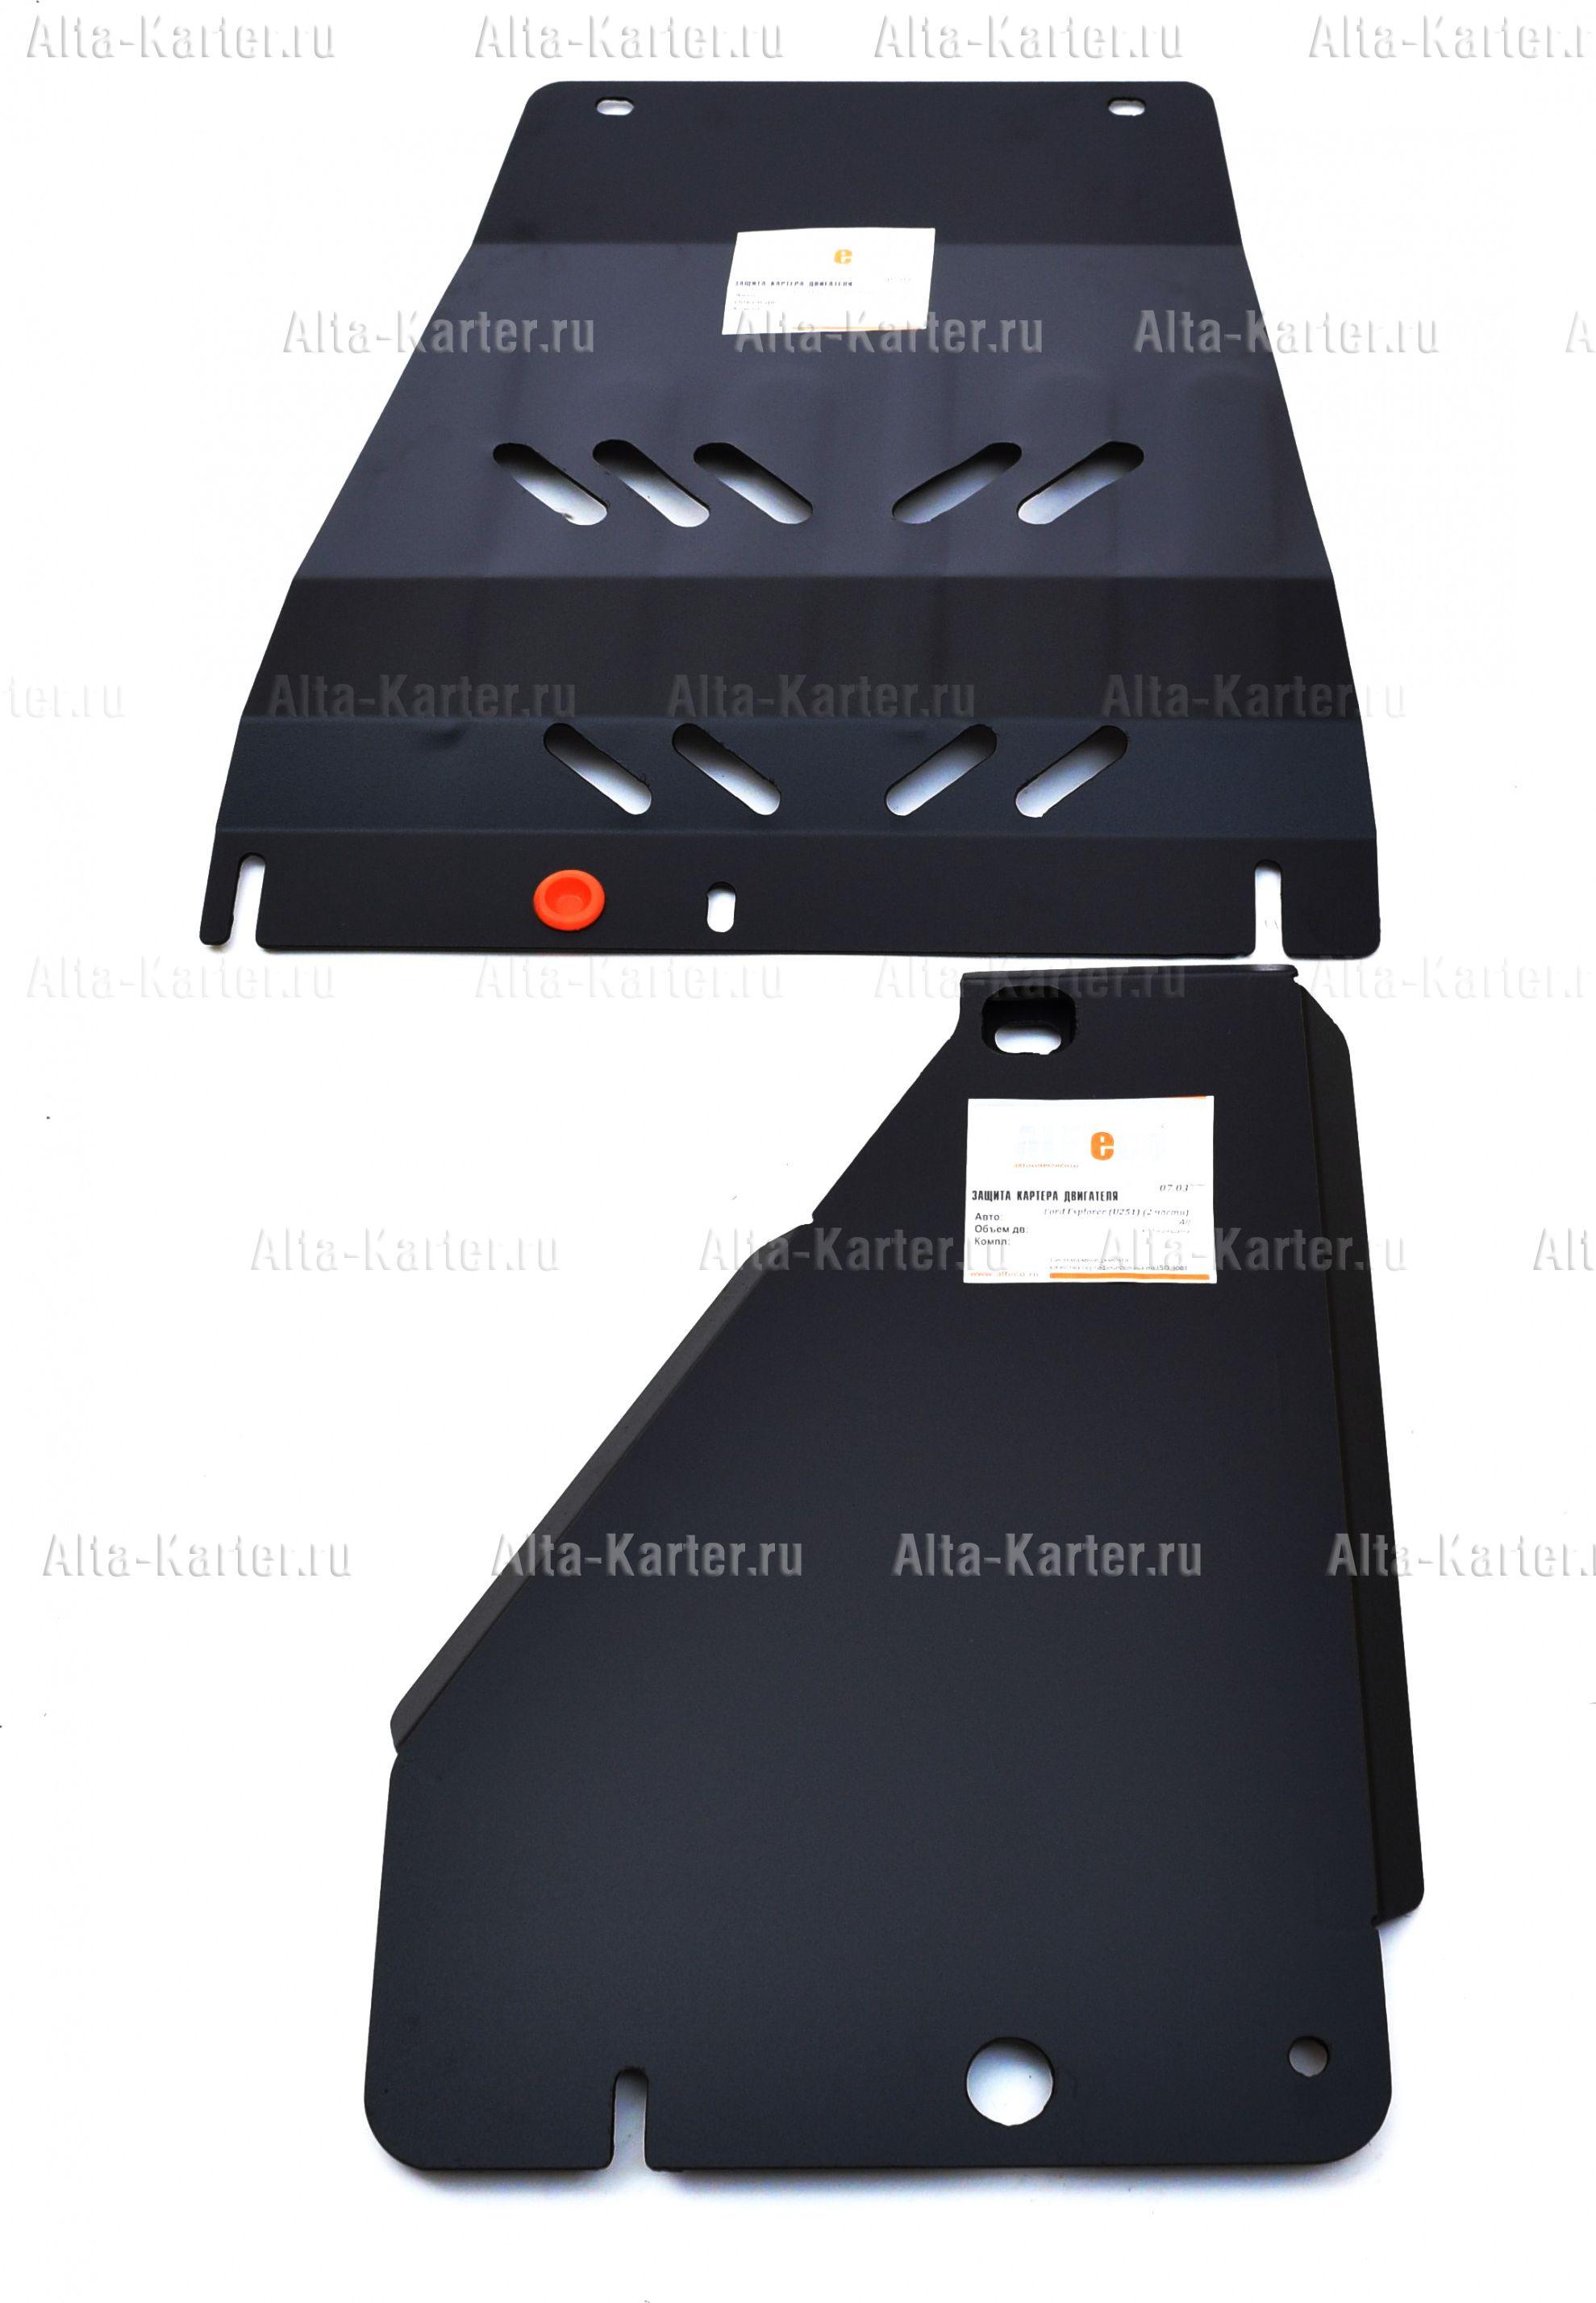 Защита Alfeco для КПП и раздатки Ford Explorer IV U251 2005-2010. Артикул ALF.07.03